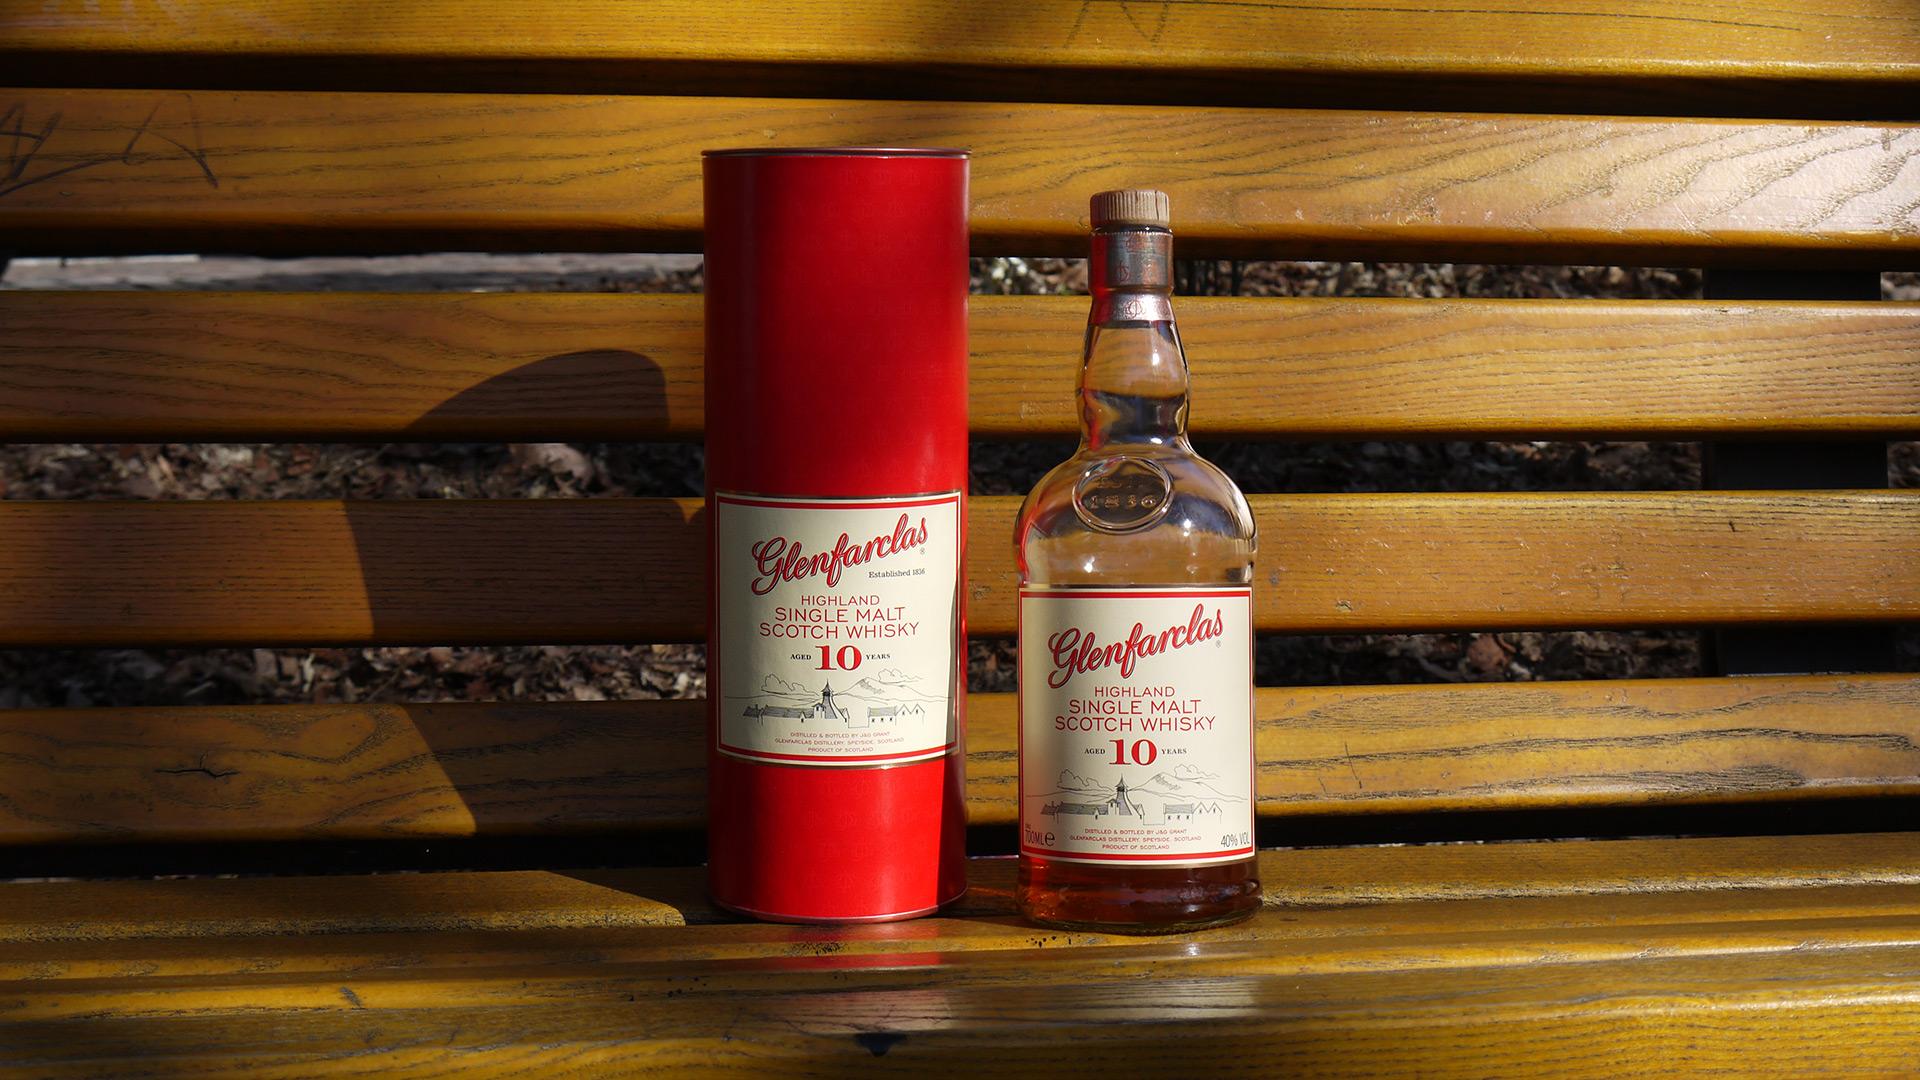 Der Glenfarclas 10 Jahre überzeugt geschmacklich und ist angenehm günstig. (Foto: Malt Whisky)